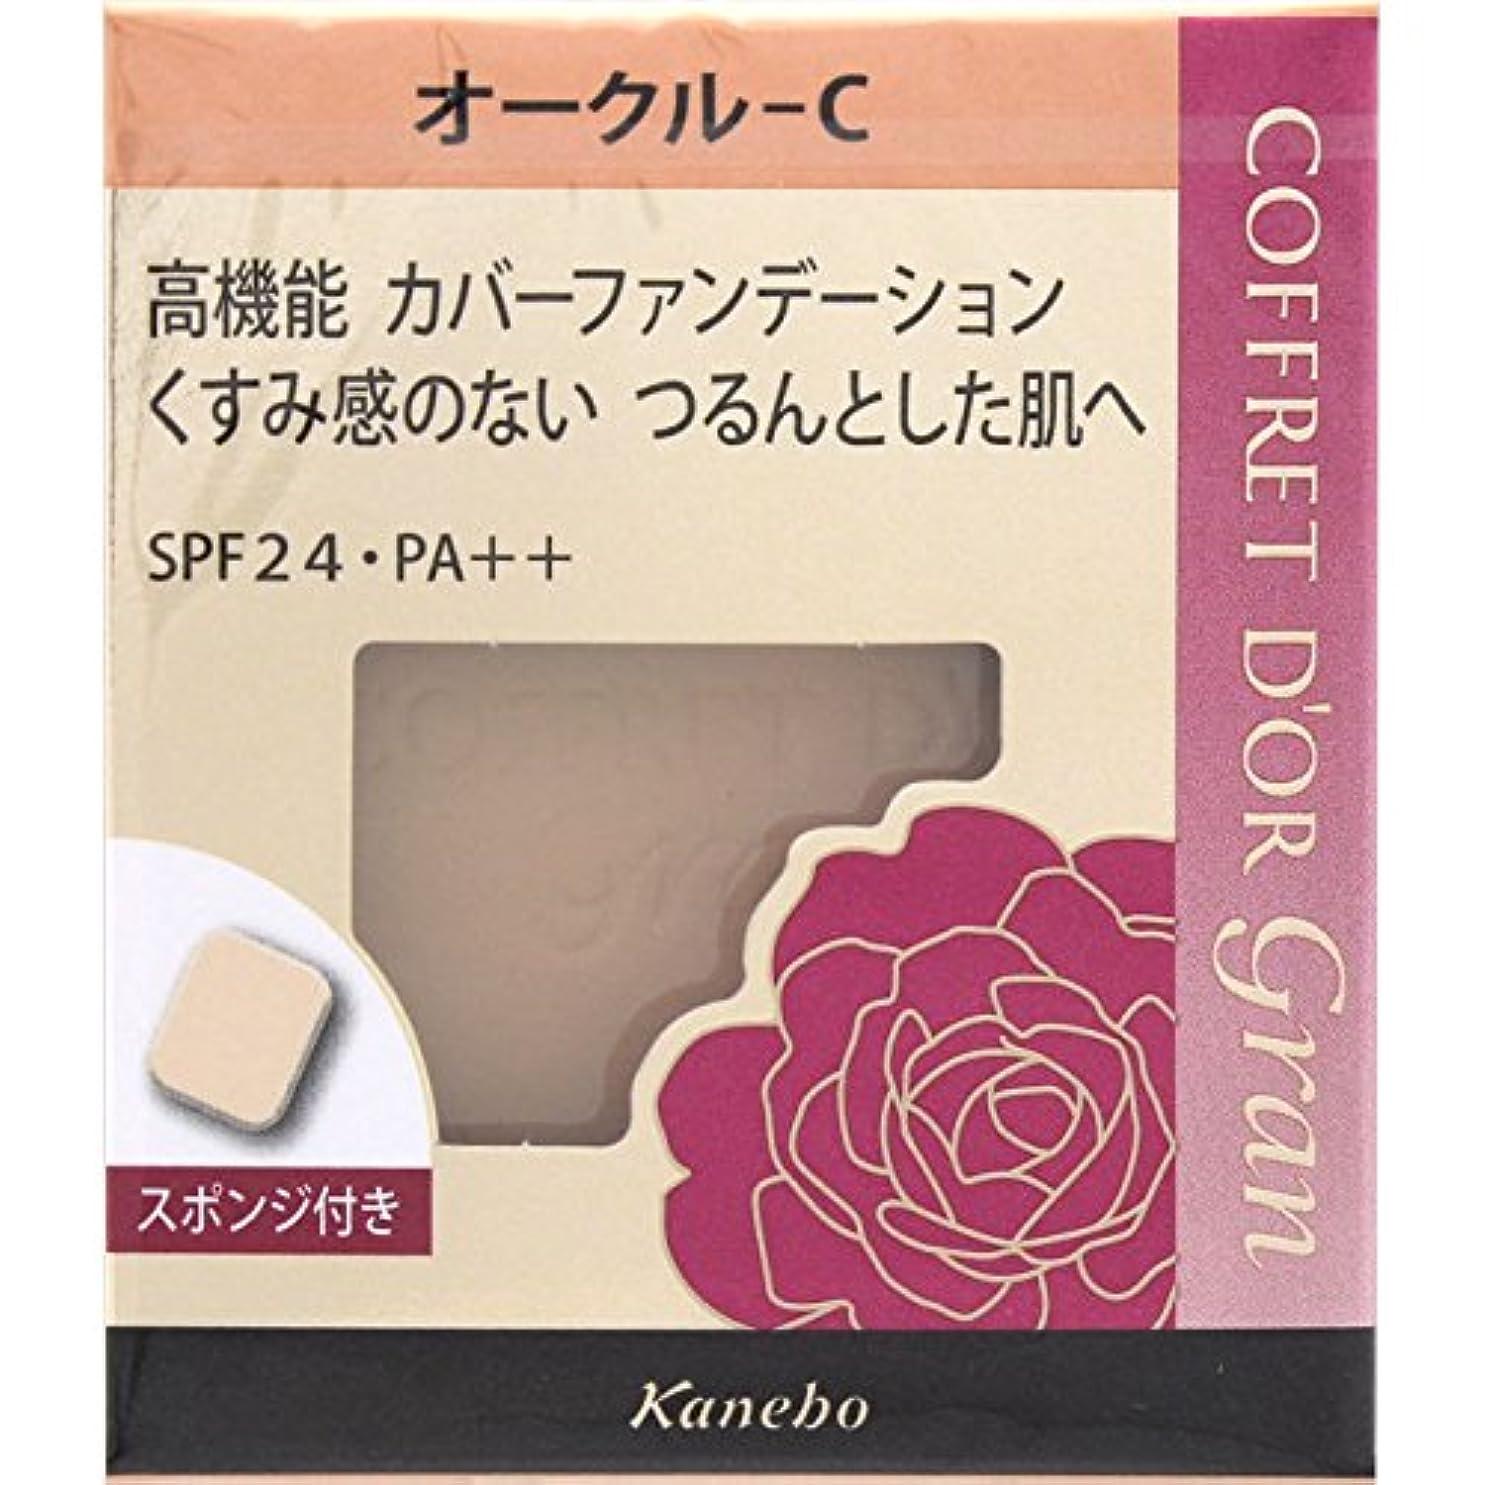 取り付け従事した姿勢カネボウ(Kanebo) コフレドールグランカバーフィットパクトUVII《10.5g》<カラー:オークルC>